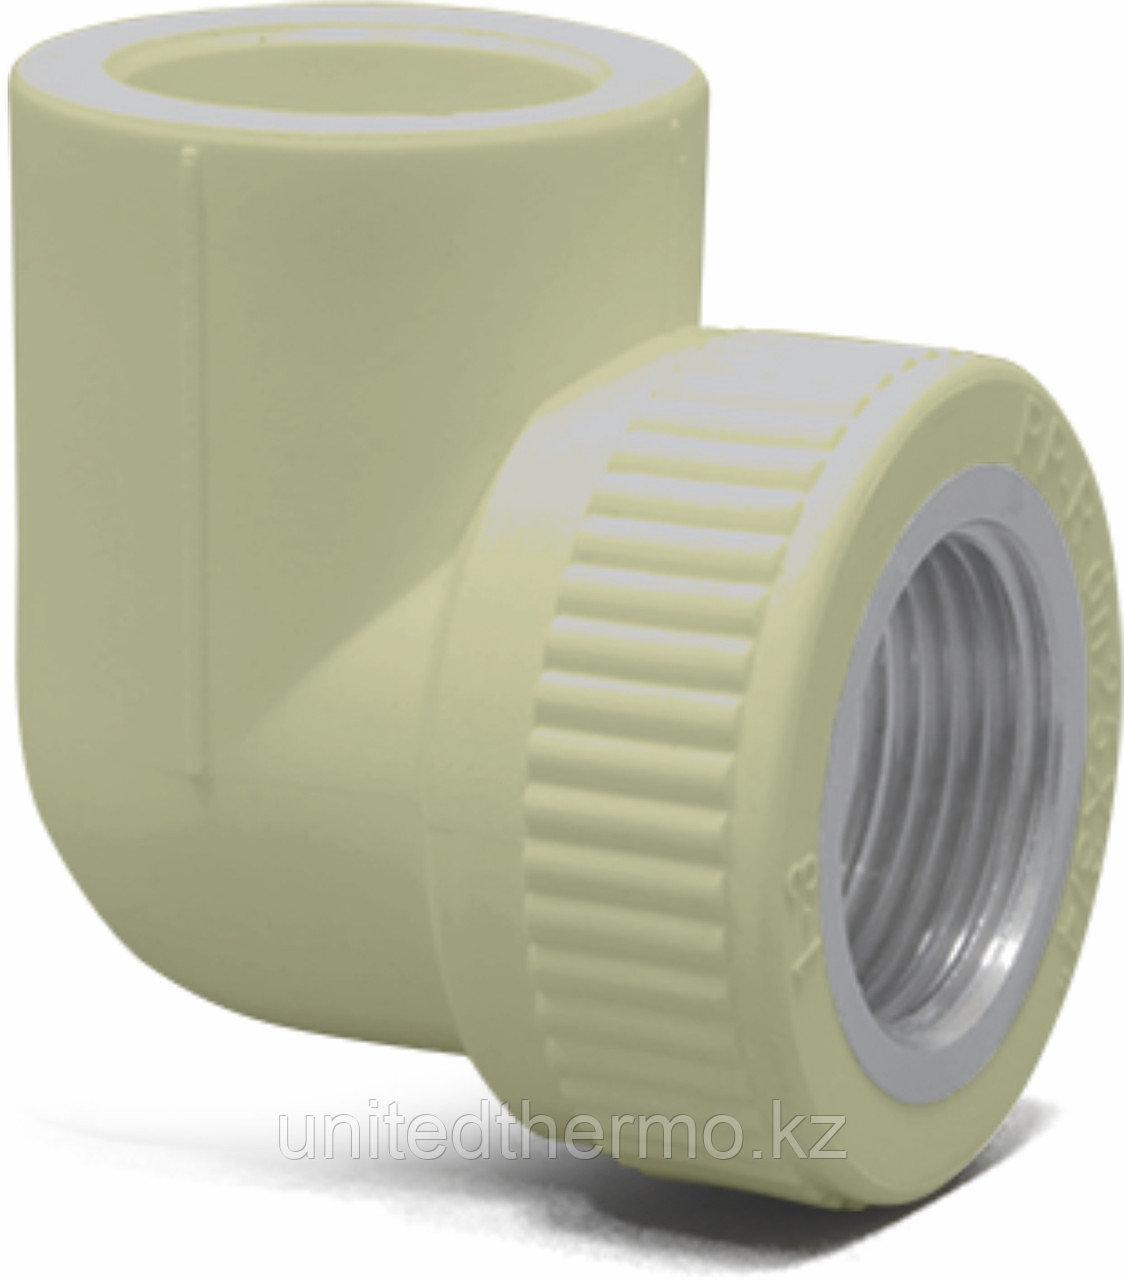 Угол 90° ВР 20Х1/2 комбинированный Fusitek (СЕРЫЙ)